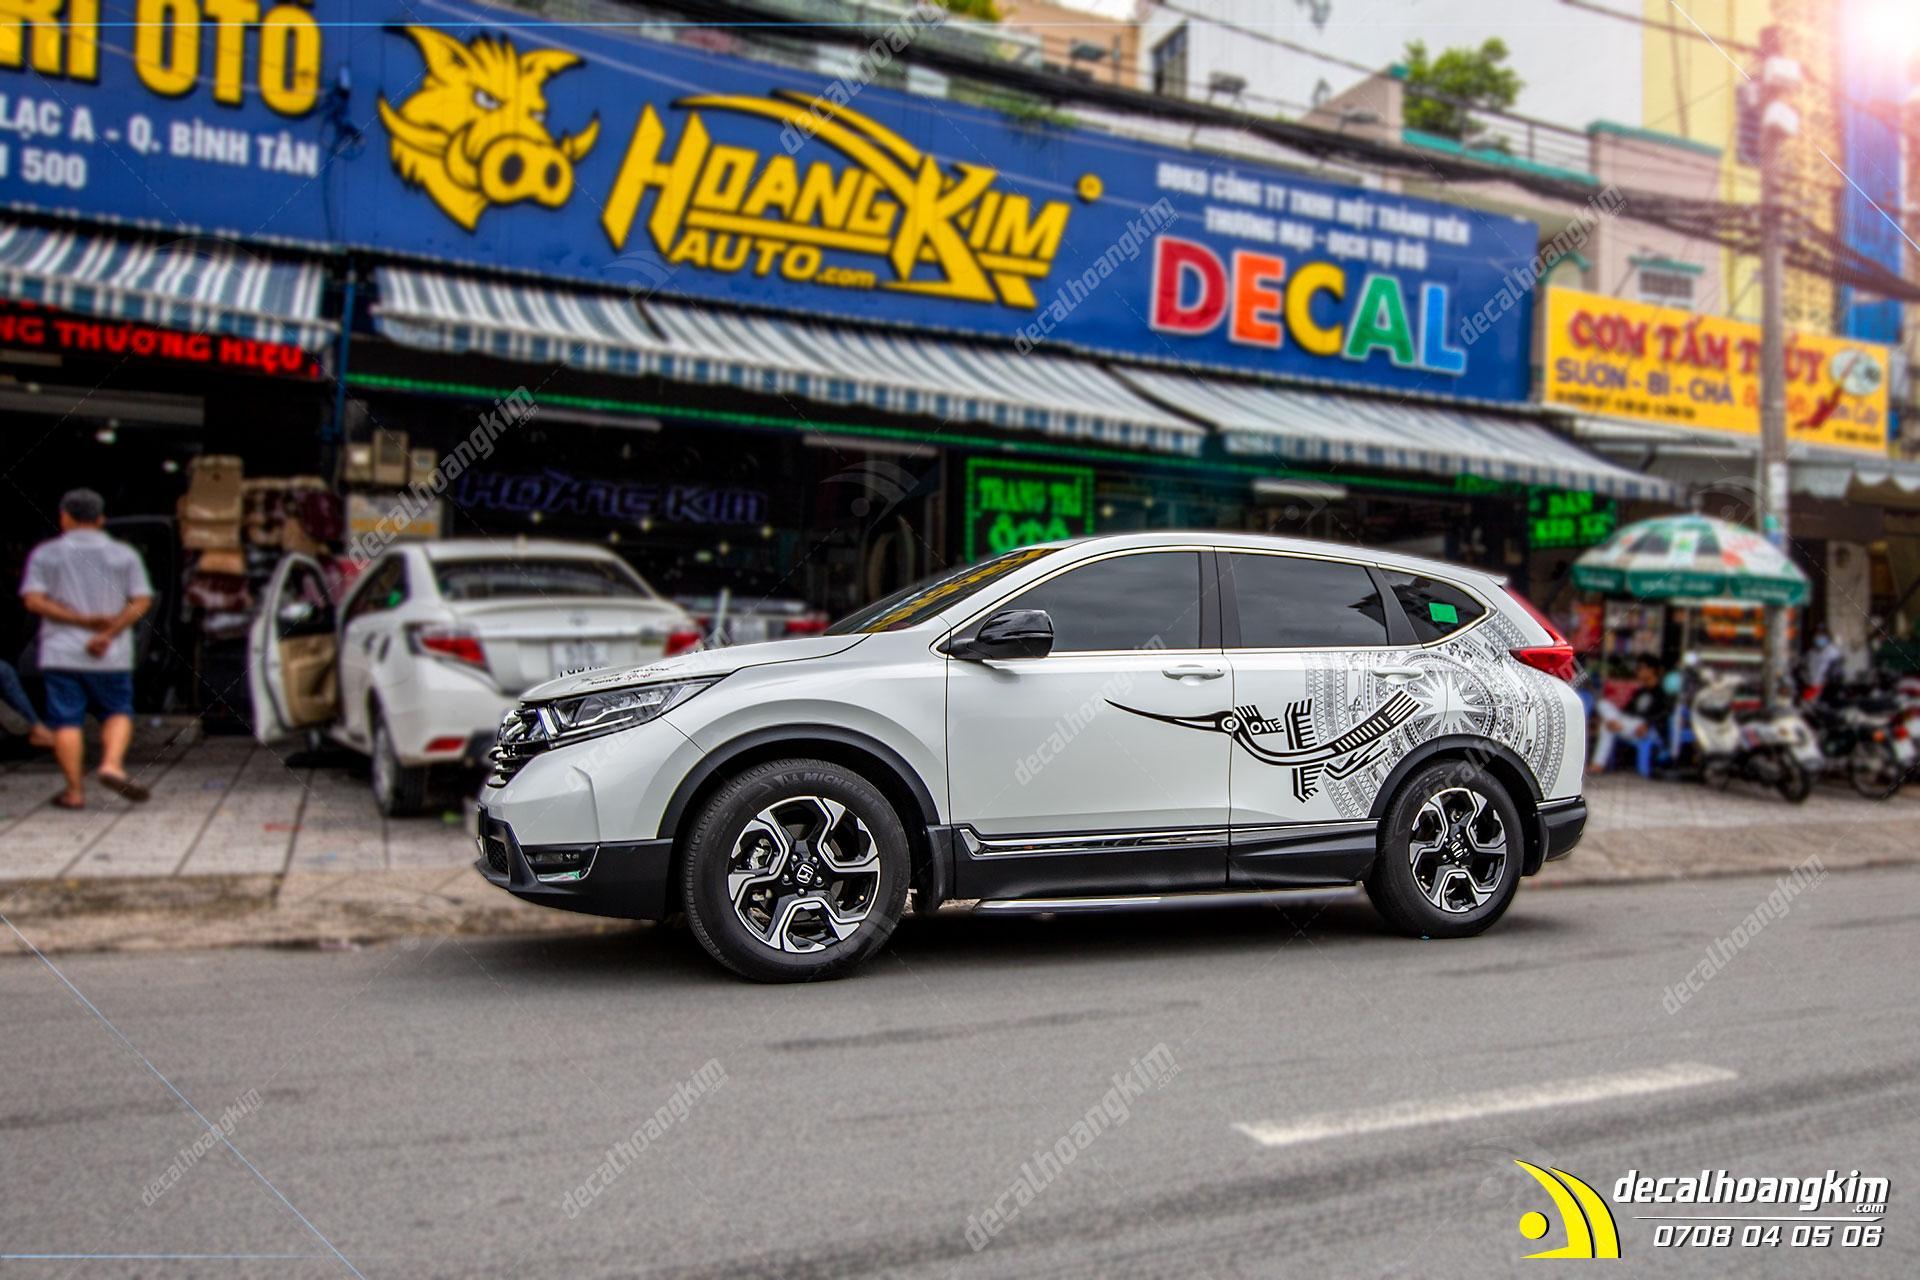 Bảng báo giá đồ chơi xe Honda CRV 2018 - 2020 nâng cấp xế hộp